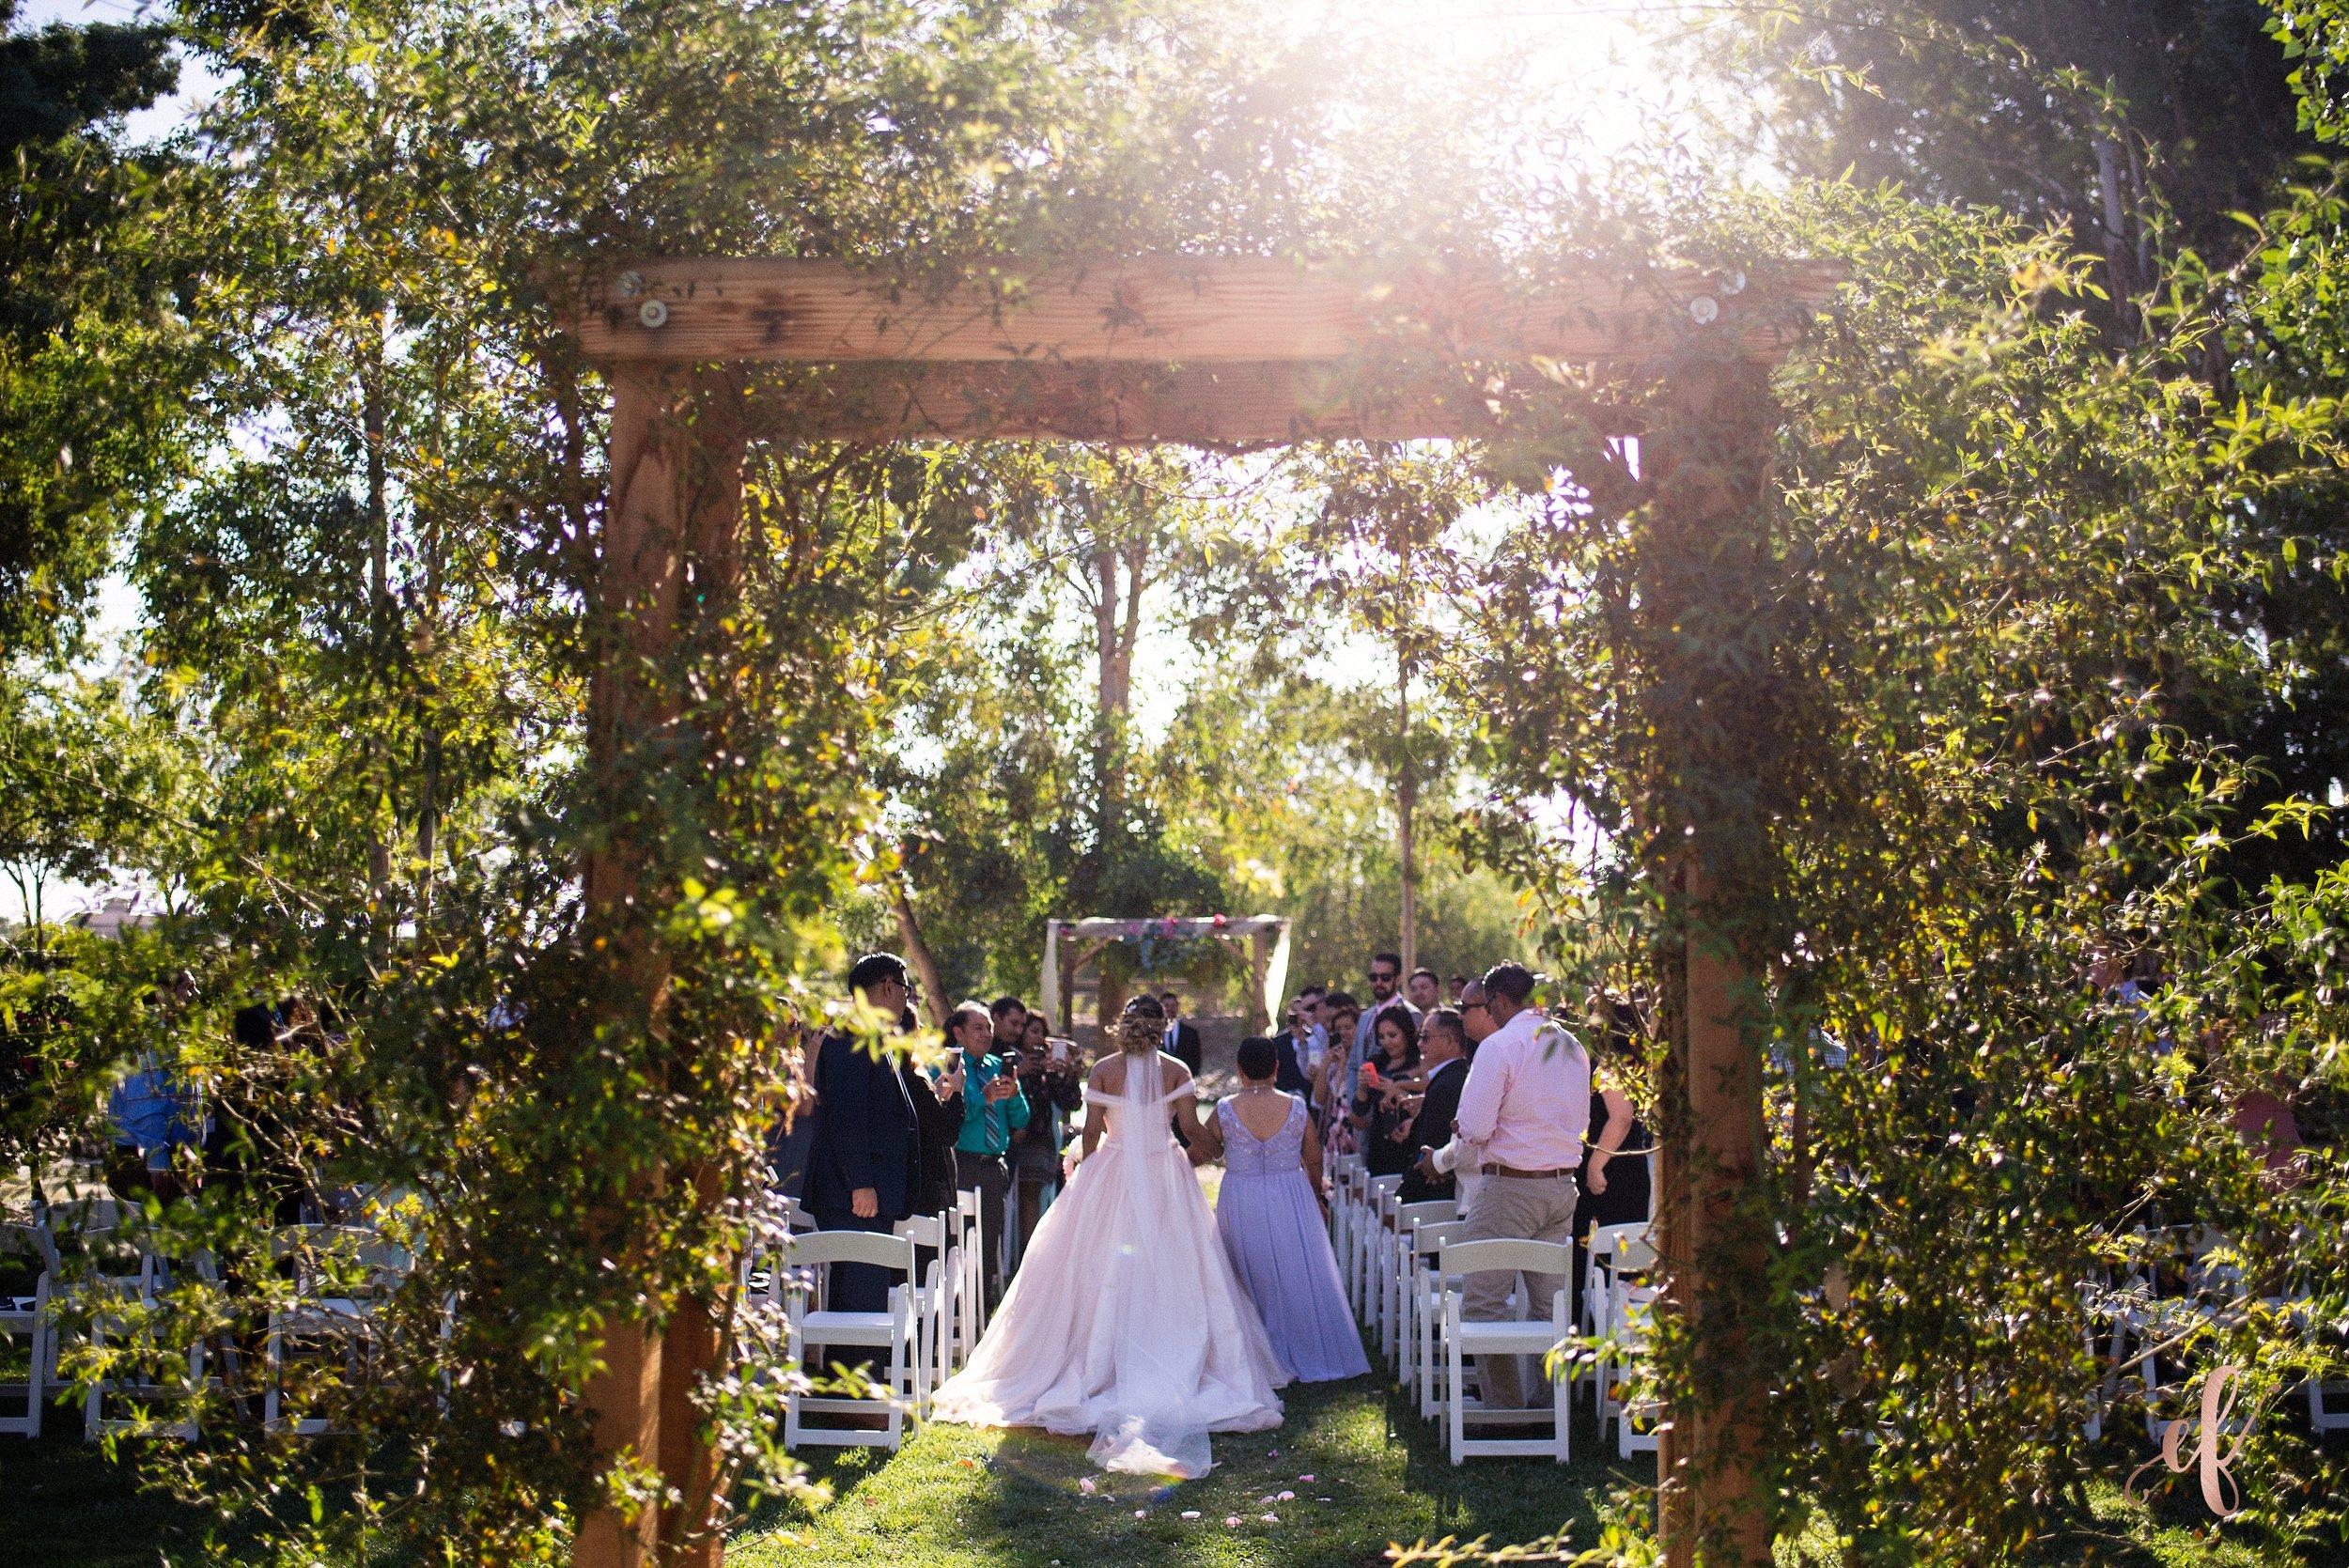 San Diego Wedding Photographer | Temecula Coach House